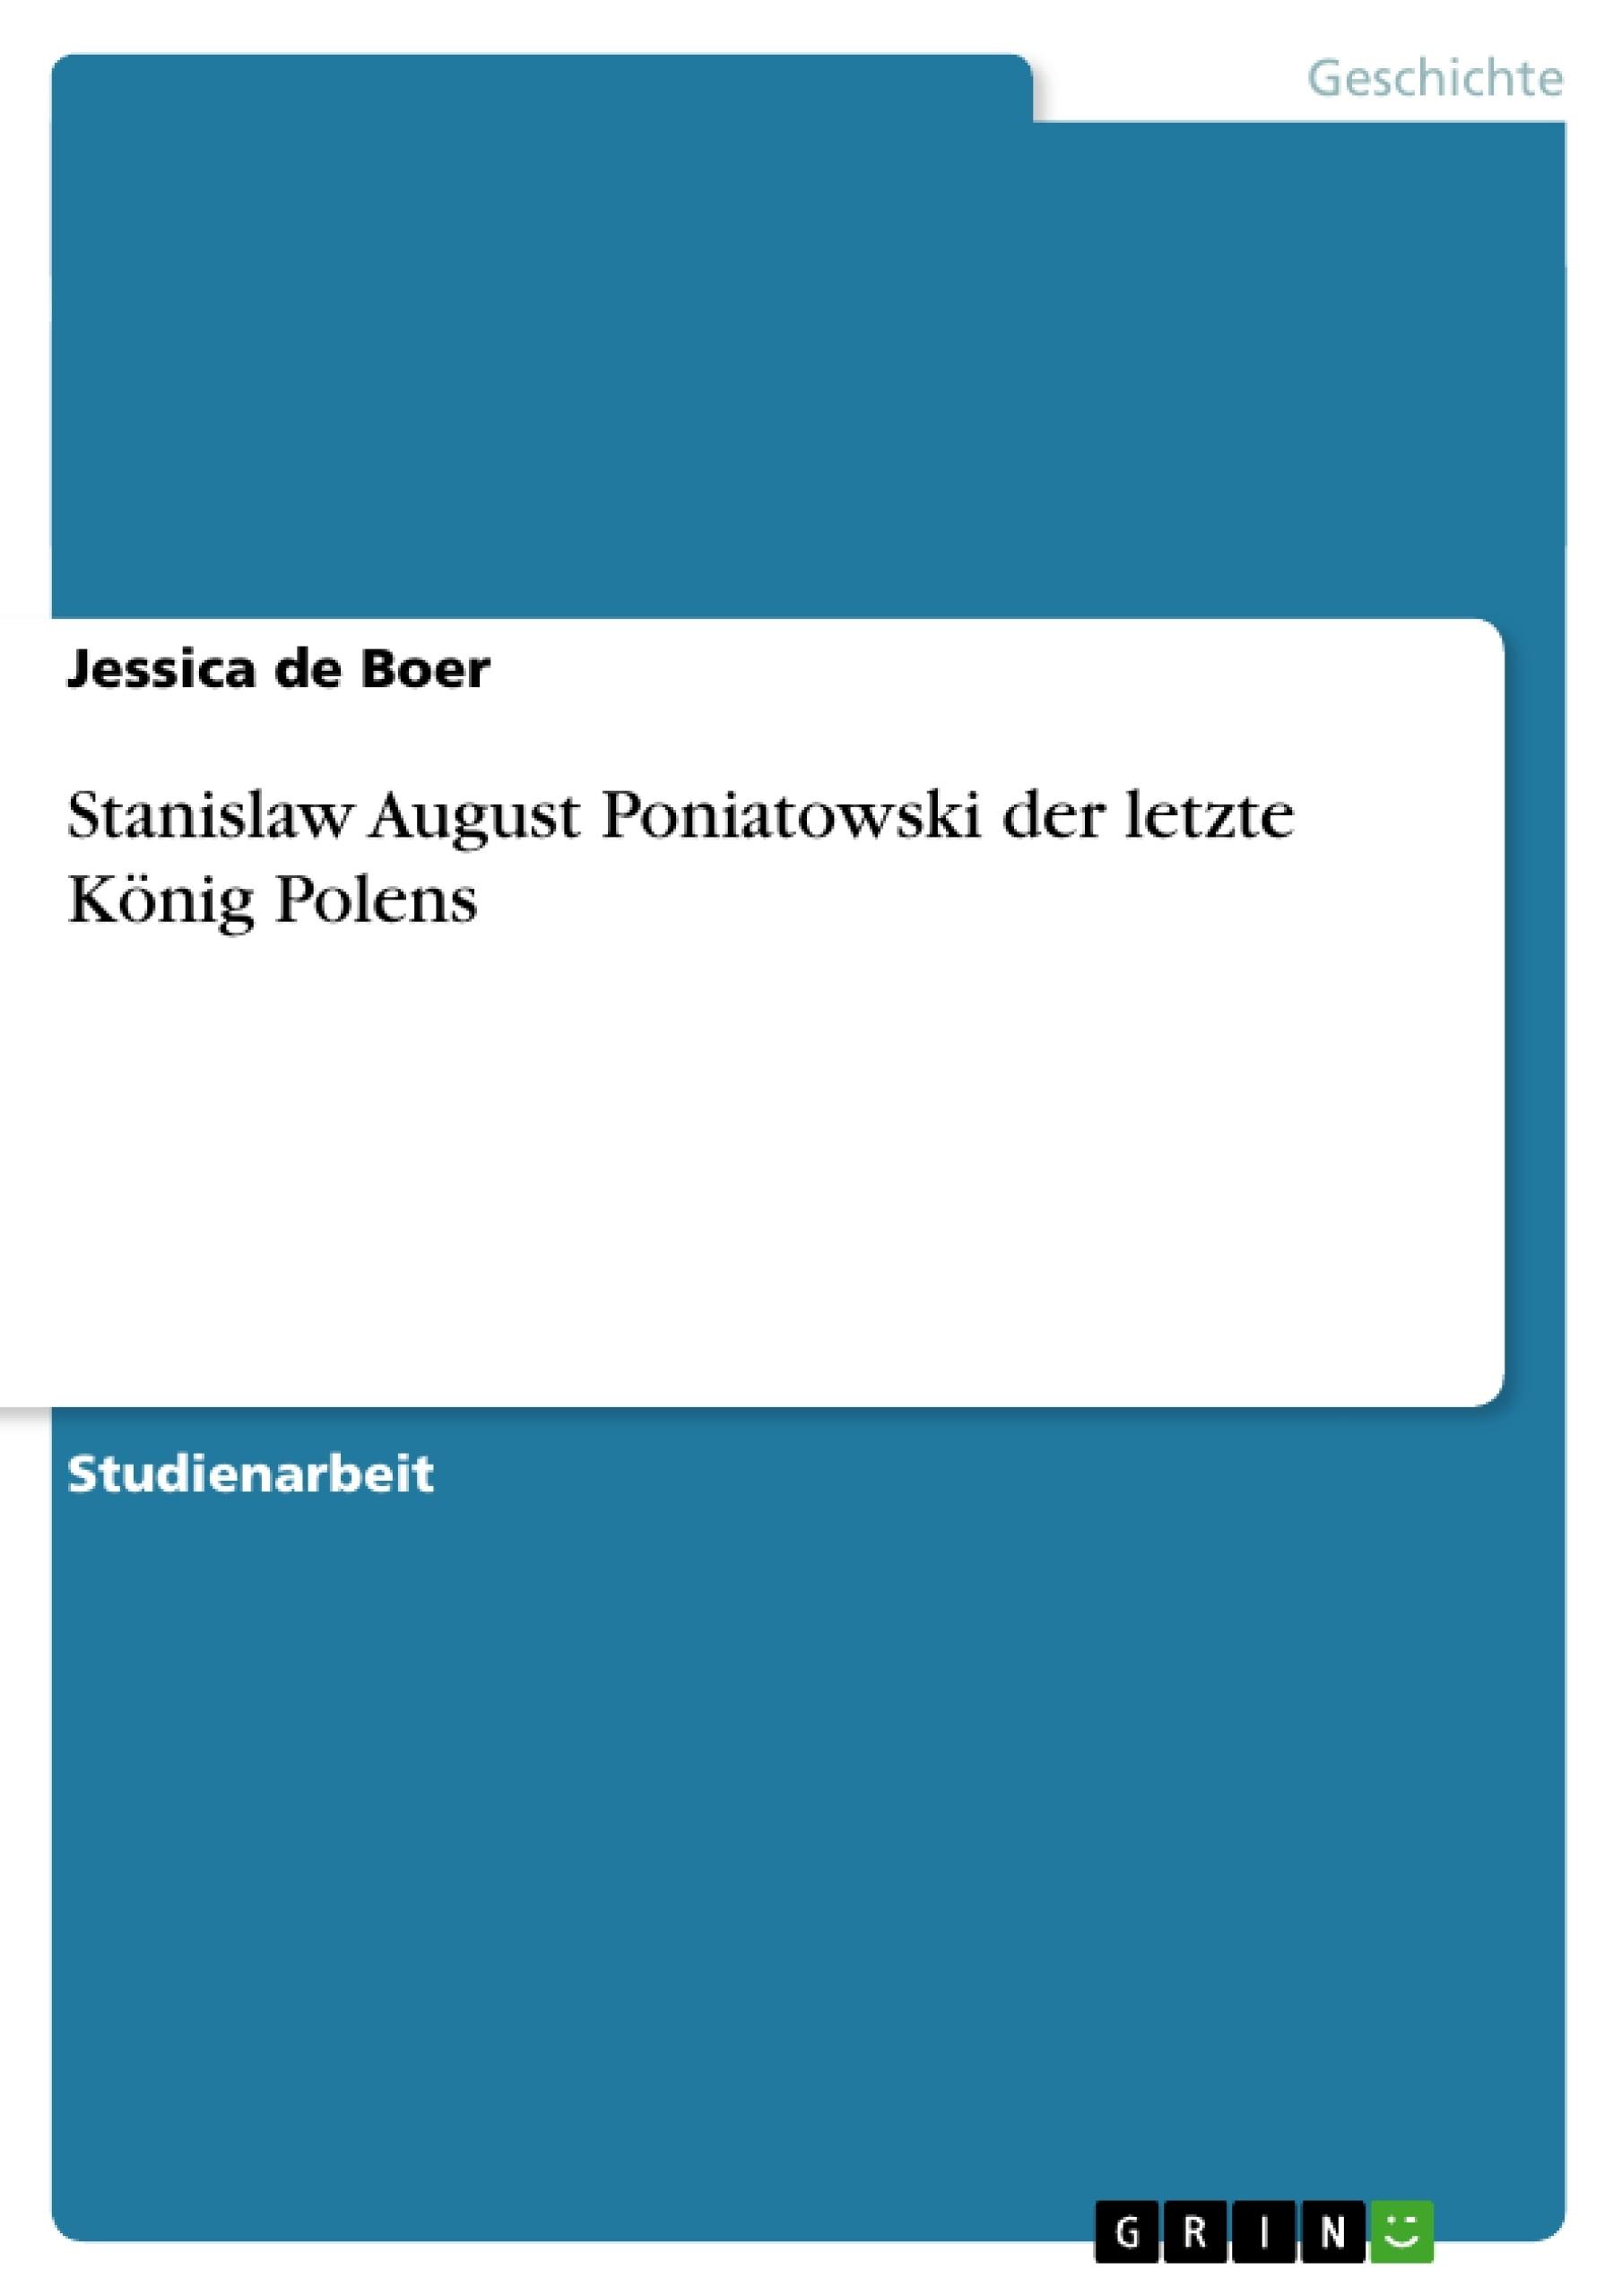 Titel: Stanislaw August Poniatowski der letzte König Polens